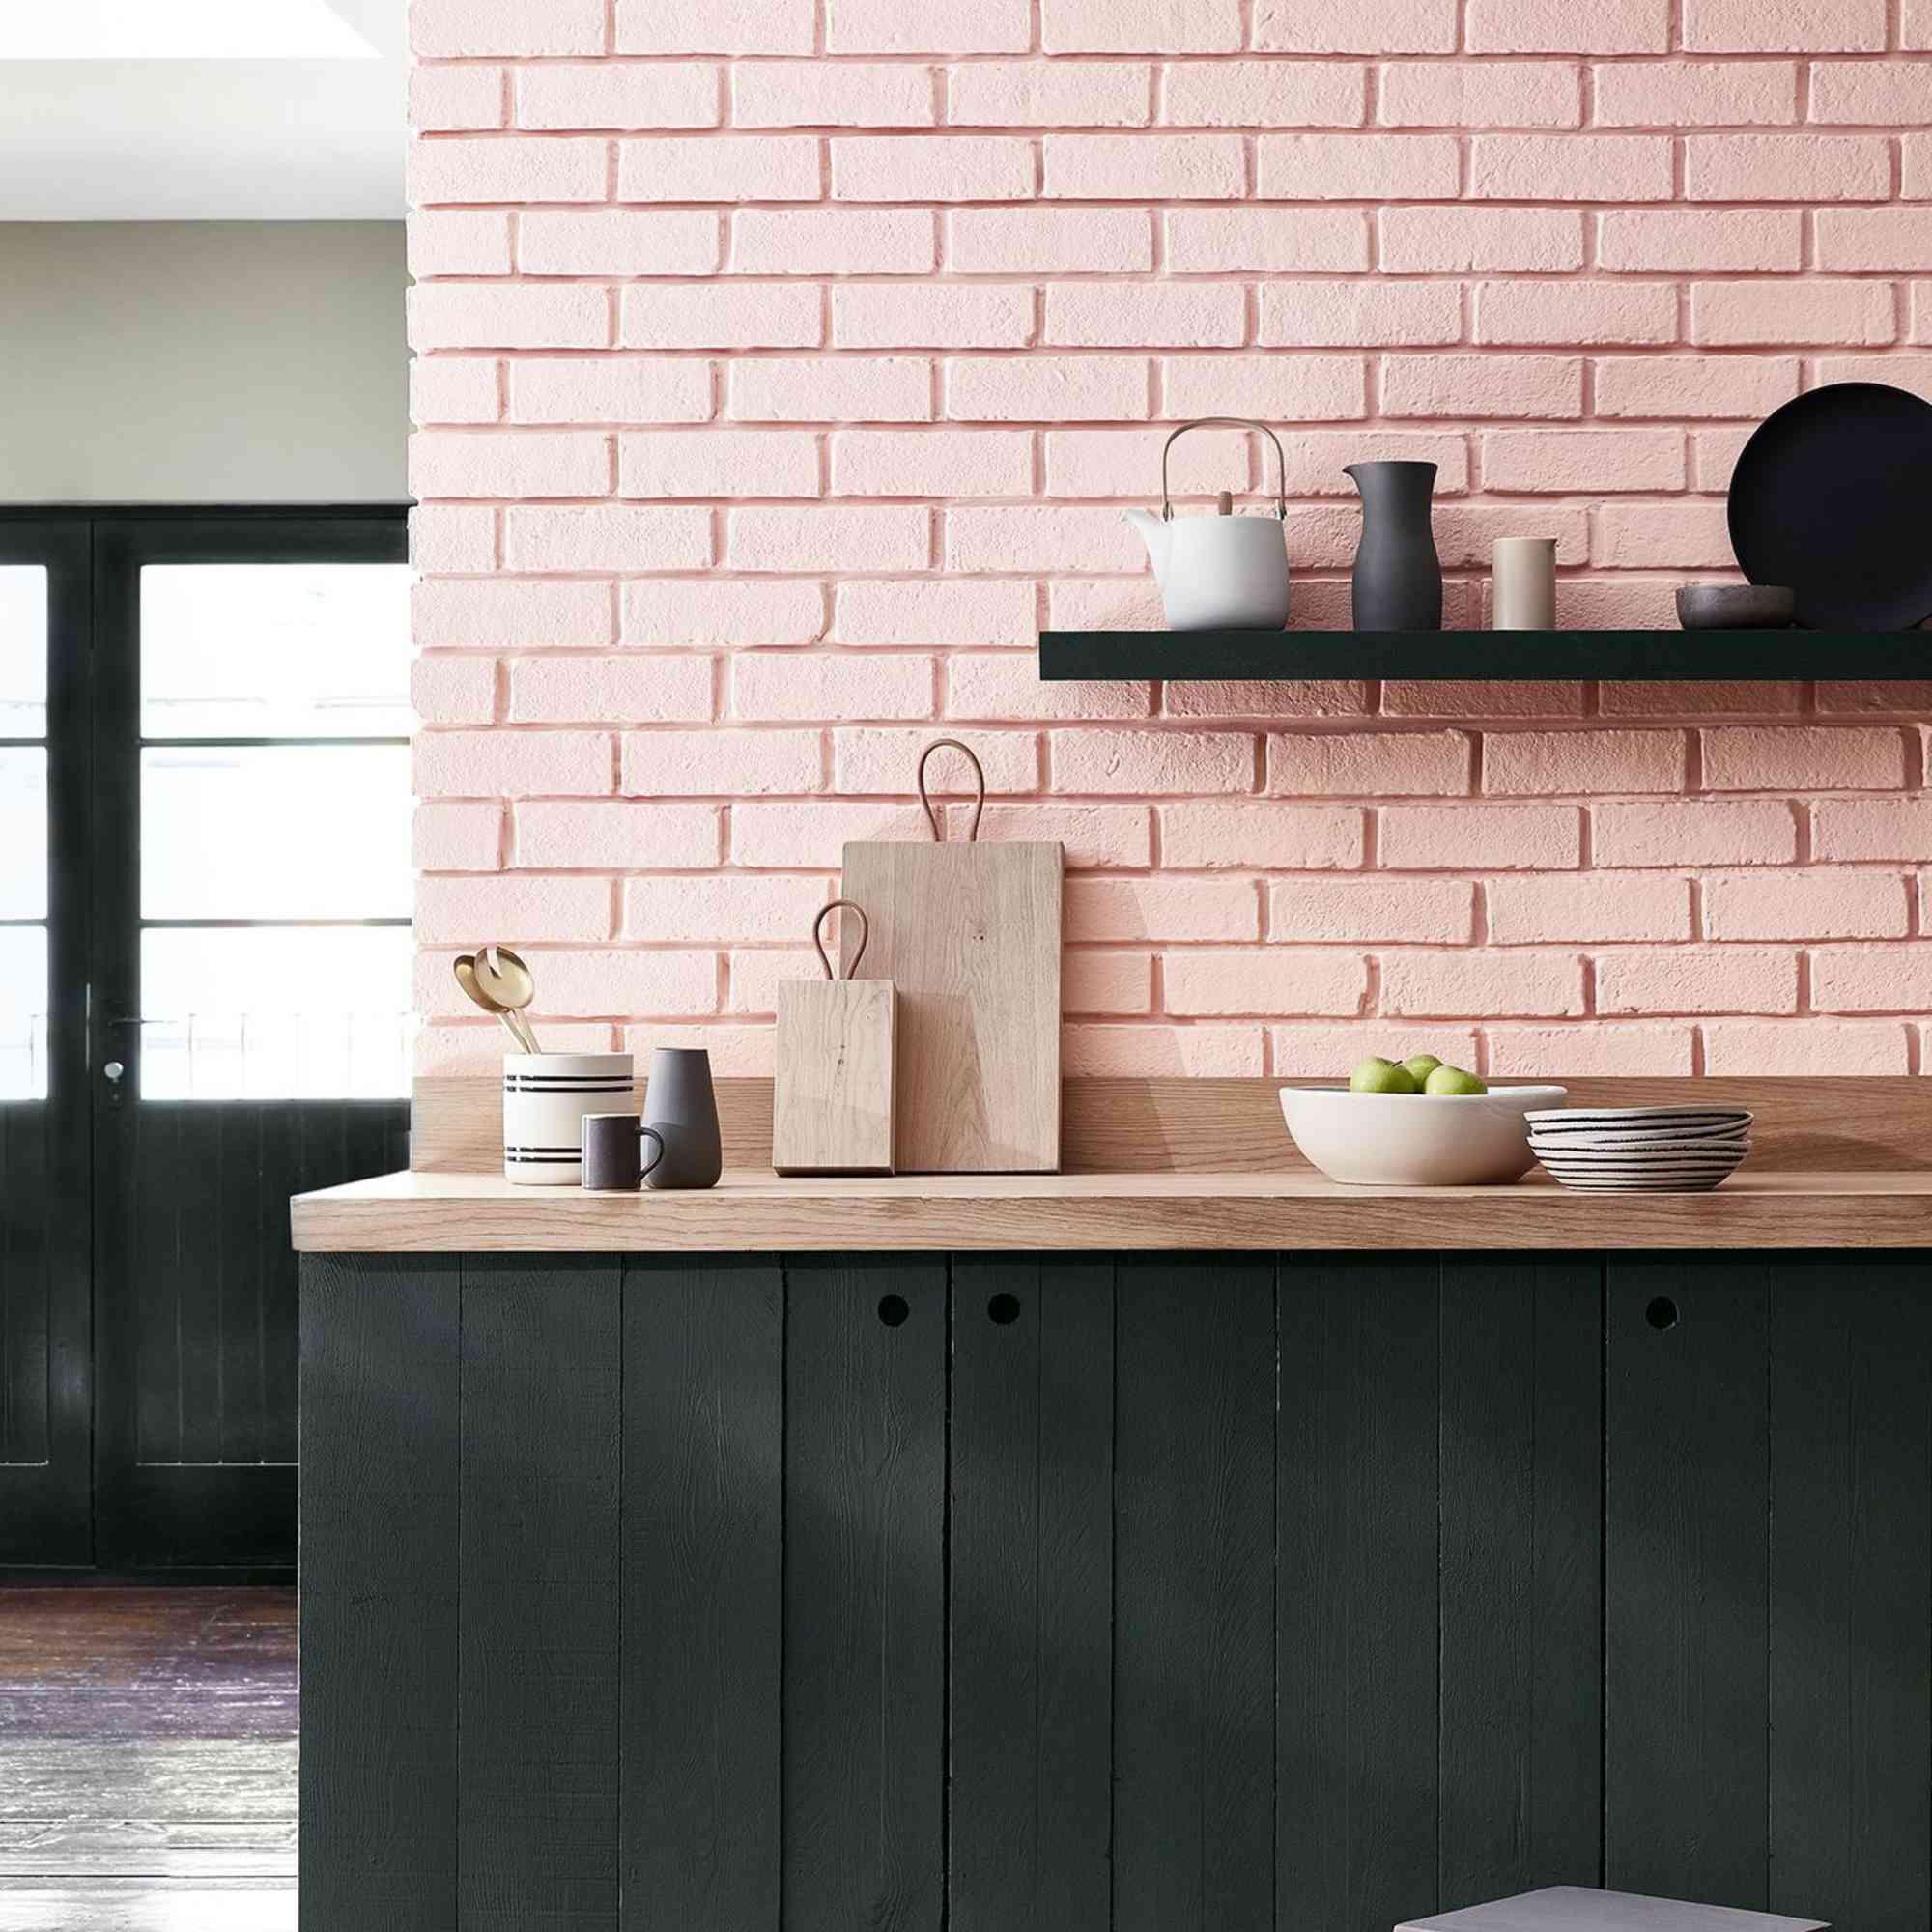 kitchen with pink bricks